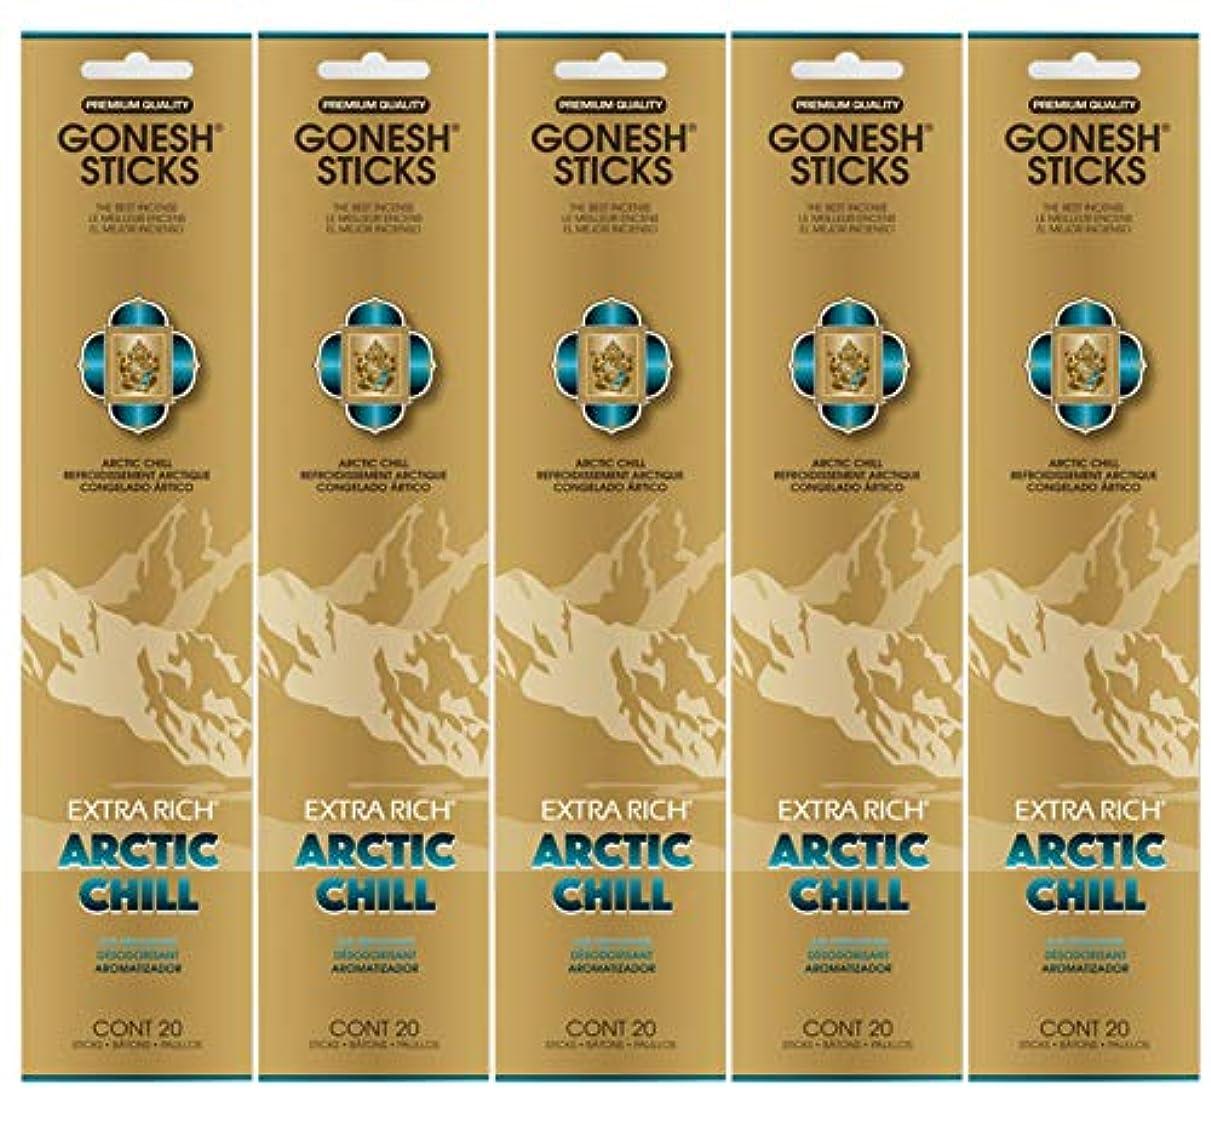 早く逃げる数字Gonesh お香スティック エクストラリッチコレクション - Arctic Chill 5パック (合計100本)